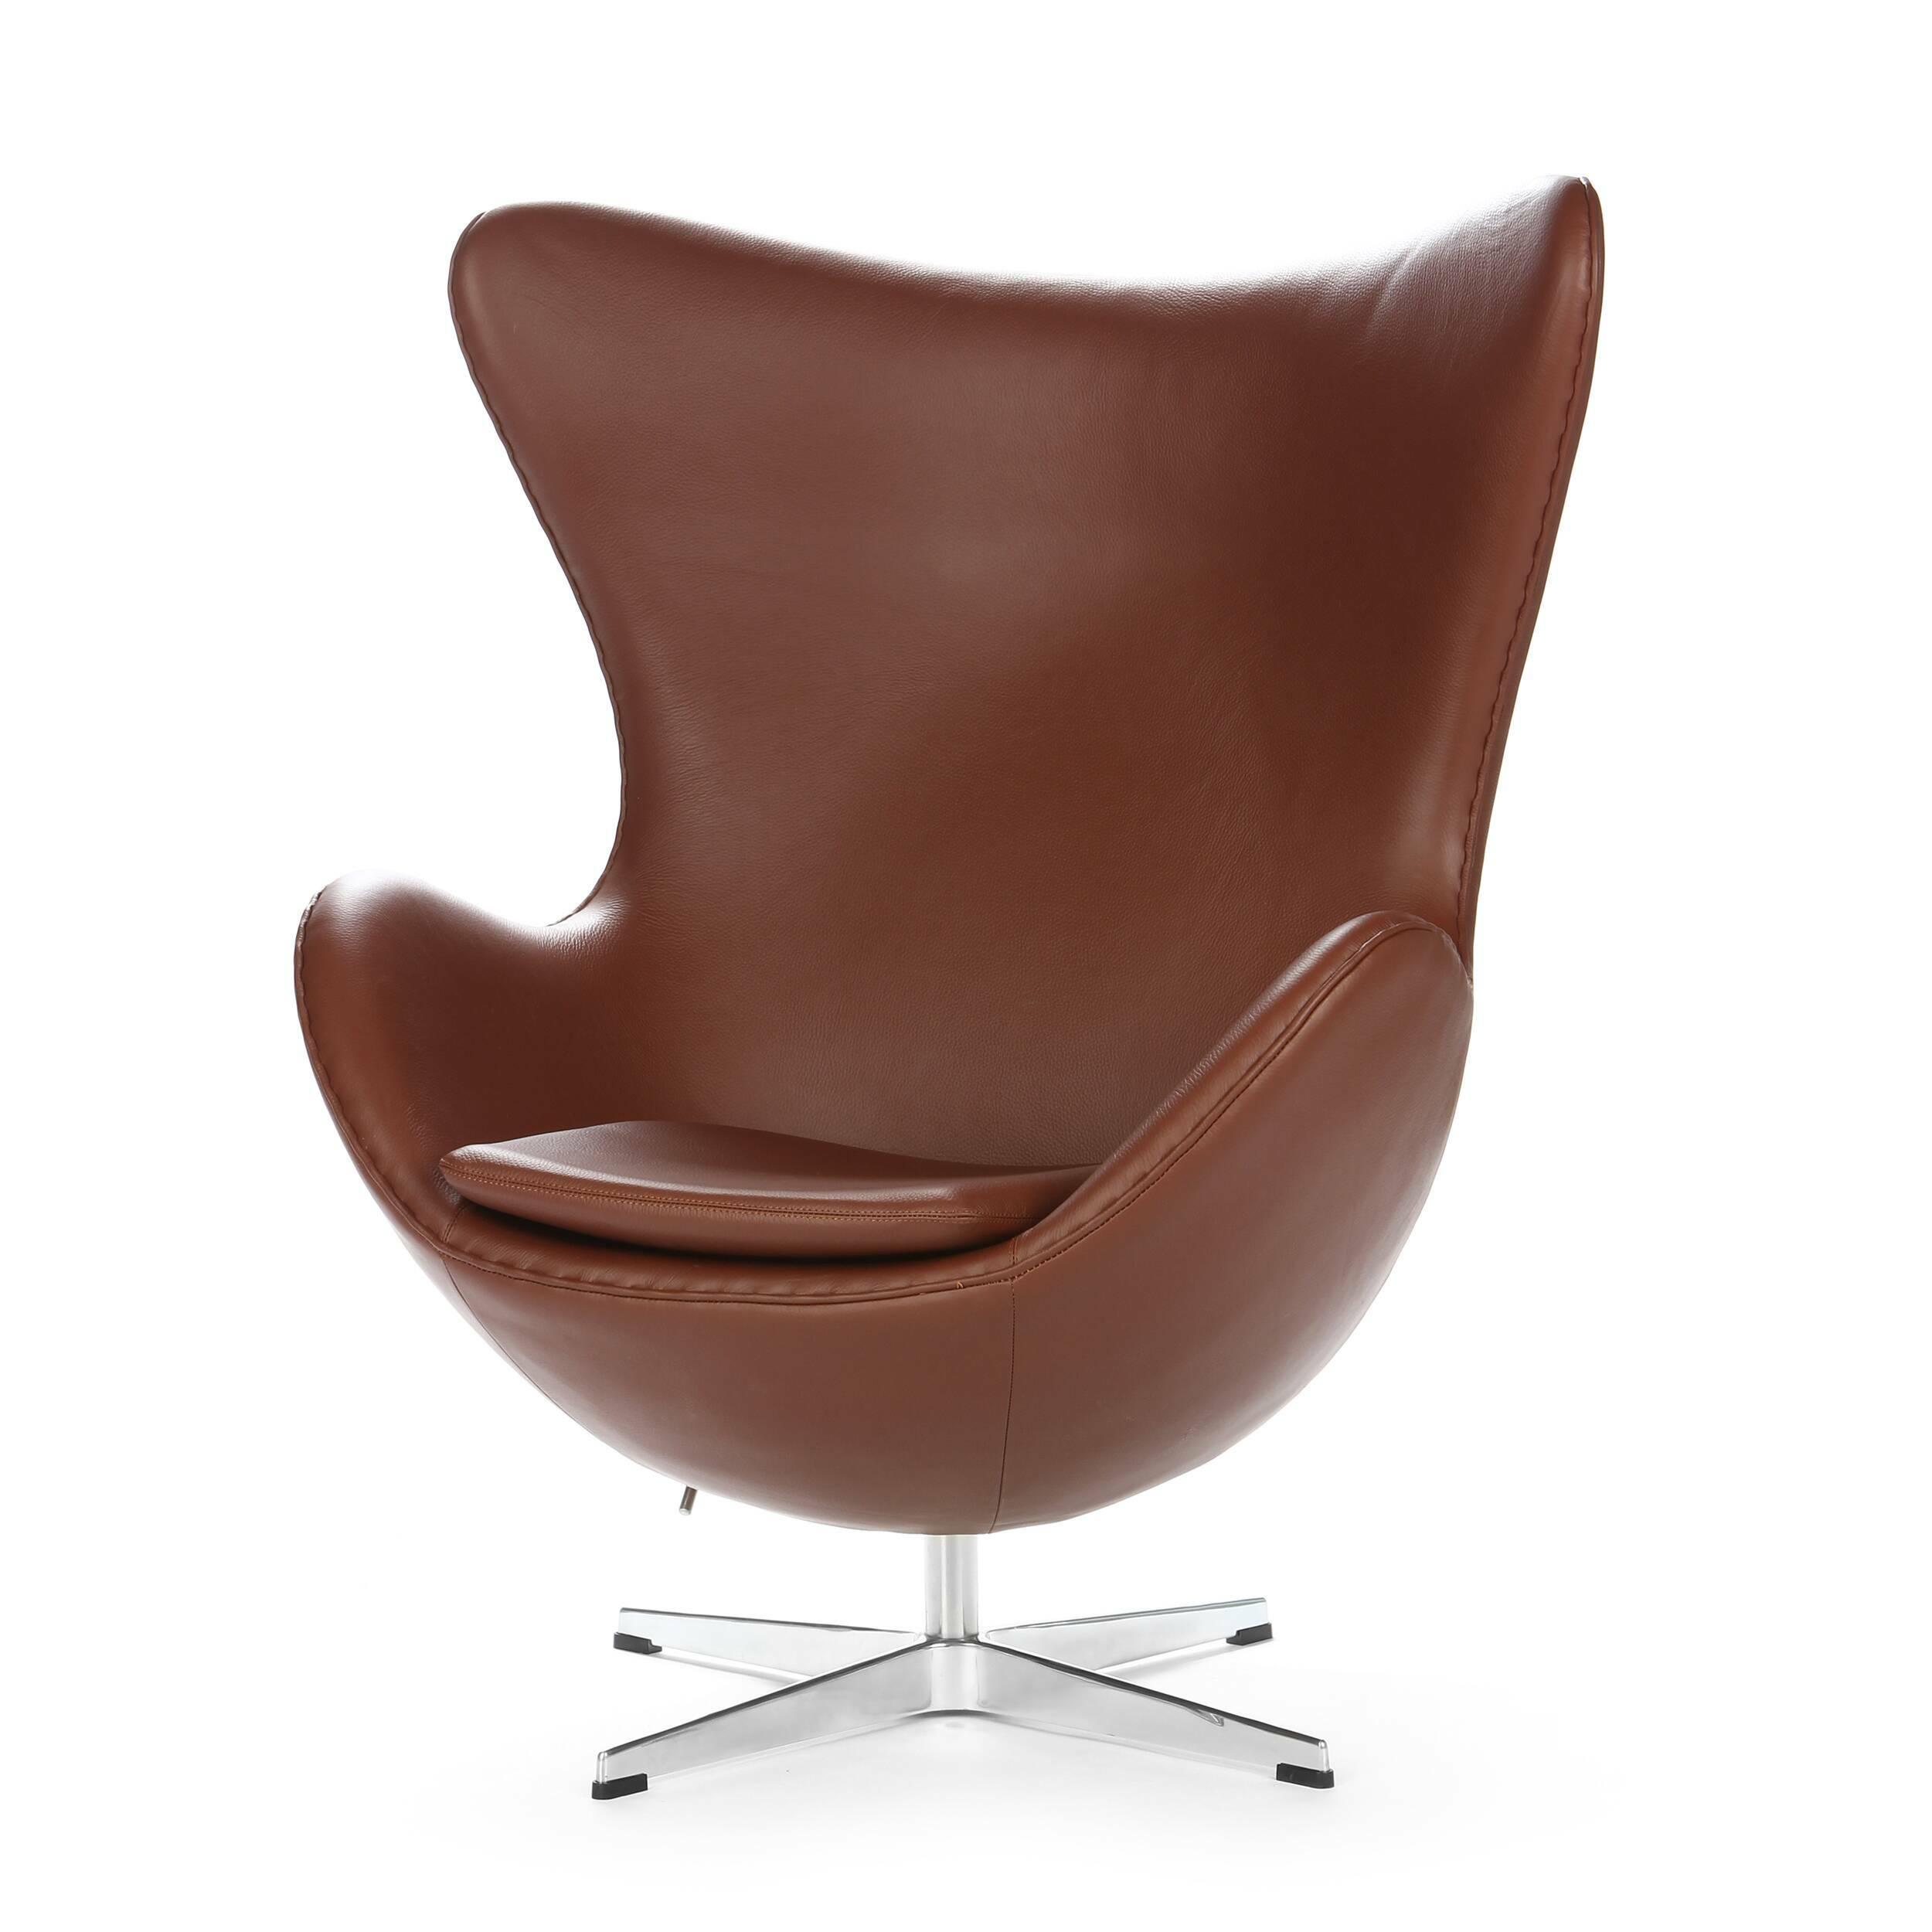 Кресло EggИнтерьерные<br>Дизайнерское комфортное кресло Egg (Эгг) в форме яйца на узкой ножке от Cosmo (Космо).<br><br><br> Кресло, своими очертаниями напоминающее яйцо, — одно из самых известных творений датского дизайнера Арне Якобсена. Вряд ли оно когда-нибудь выйдет из моды — уж слишком велик диапазон его интерьерных возможностей. Кроме того, обыгрывать данную форму помогают различные фактуры и цвета обивок.<br><br><br> Особенно приятно и солидно смотрится оригинальное кресло Egg в обивке из натуральной кожи, представлен...<br><br>stock: 0<br>Высота: 105,5<br>Высота сиденья: 41<br>Ширина: 87<br>Глубина: 82<br>Цвет ножек: Хром<br>Коллекция ткани: Deluxe<br>Тип материала обивки: Кожа<br>Тип материала ножек: Алюминий<br>Цвет обивки: Коричневый